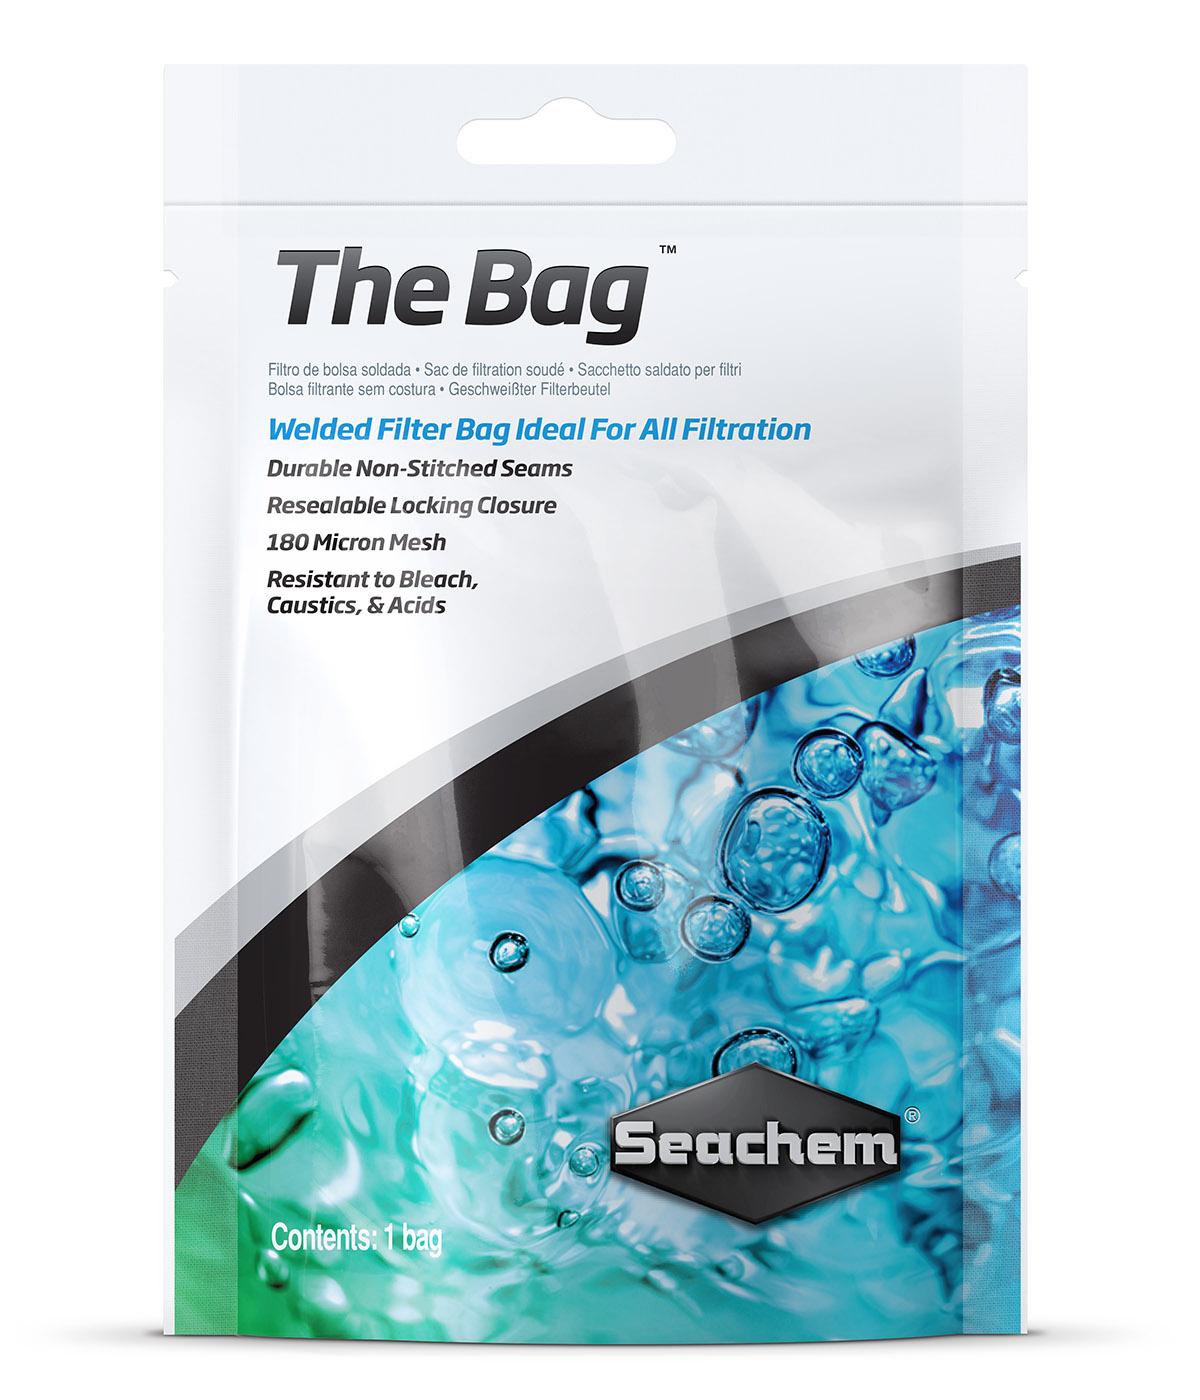 Seachem - The Bag